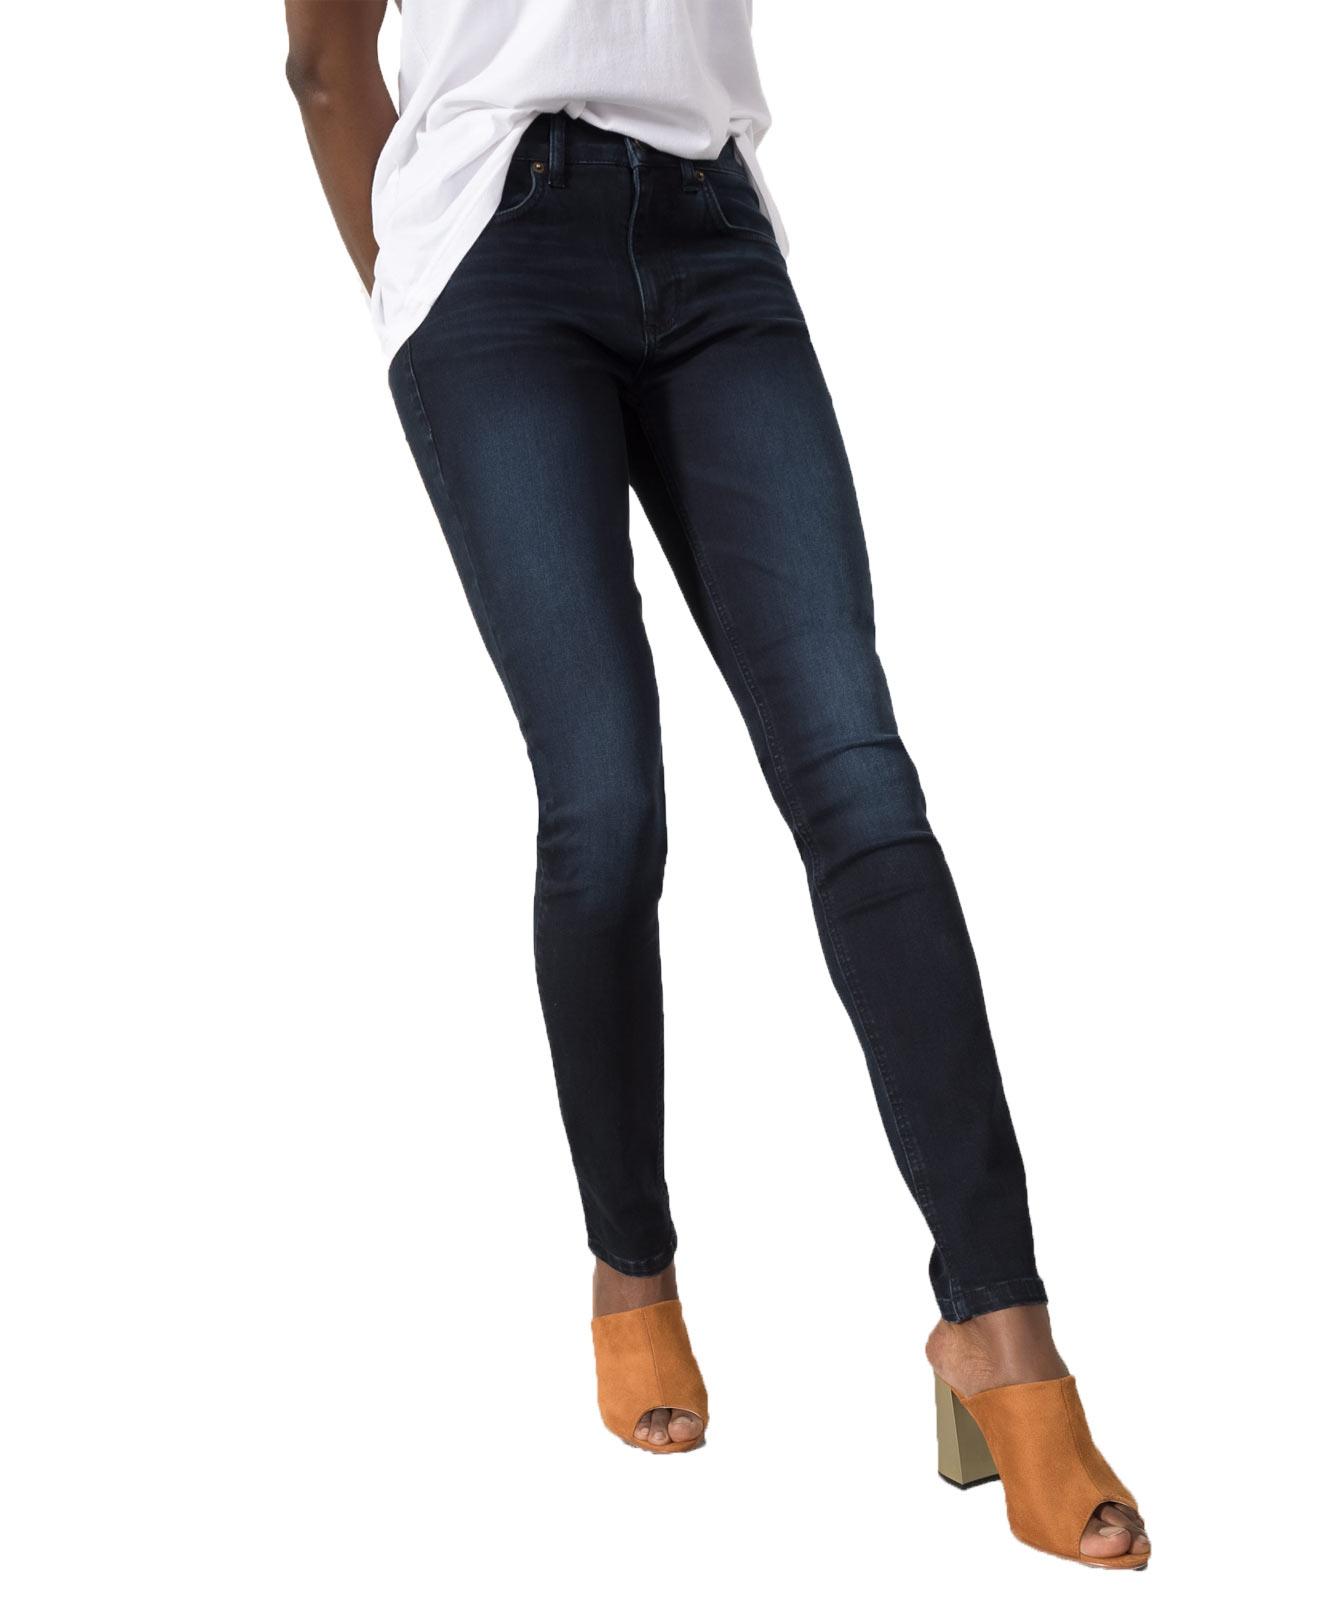 Hosen für Frauen - HIS LORRAINE Super Skinny Jeans Blue Black Wash  - Onlineshop Jeans Meile